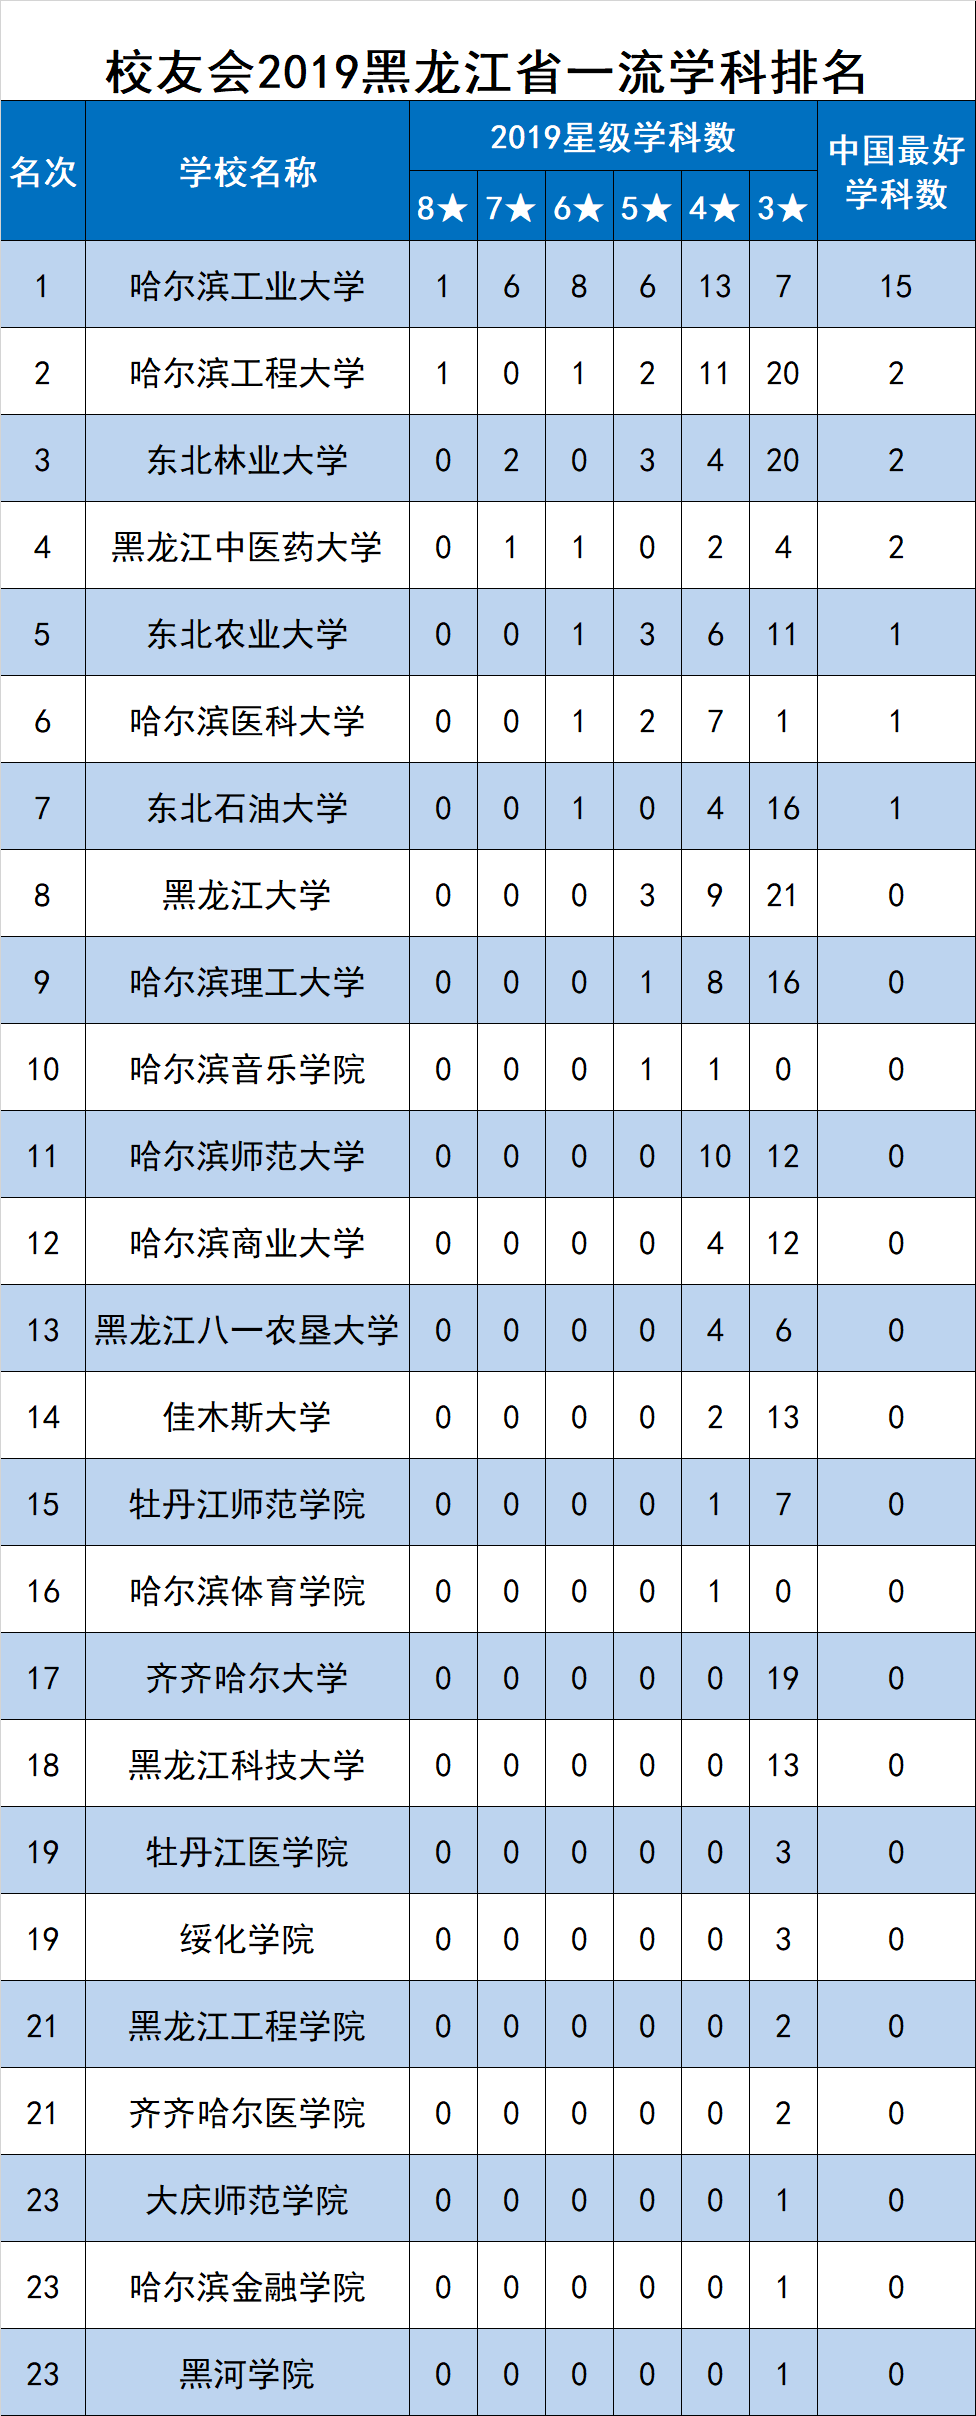 校友会2019黑龙江省一流学科排名,哈尔滨工业大学第一